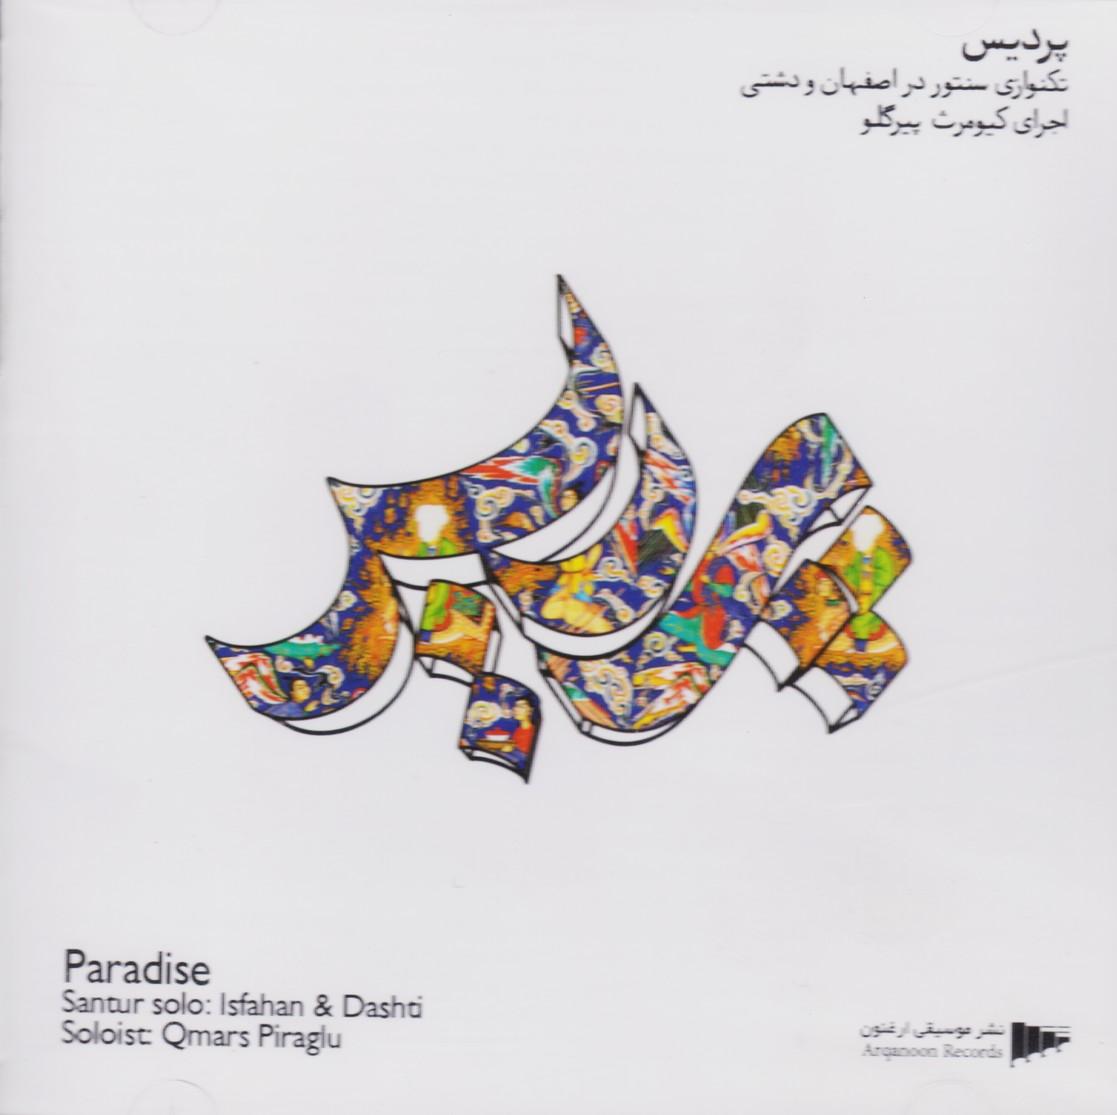 پردیس: تکنوازی سنتور در اصفهان و دشتی